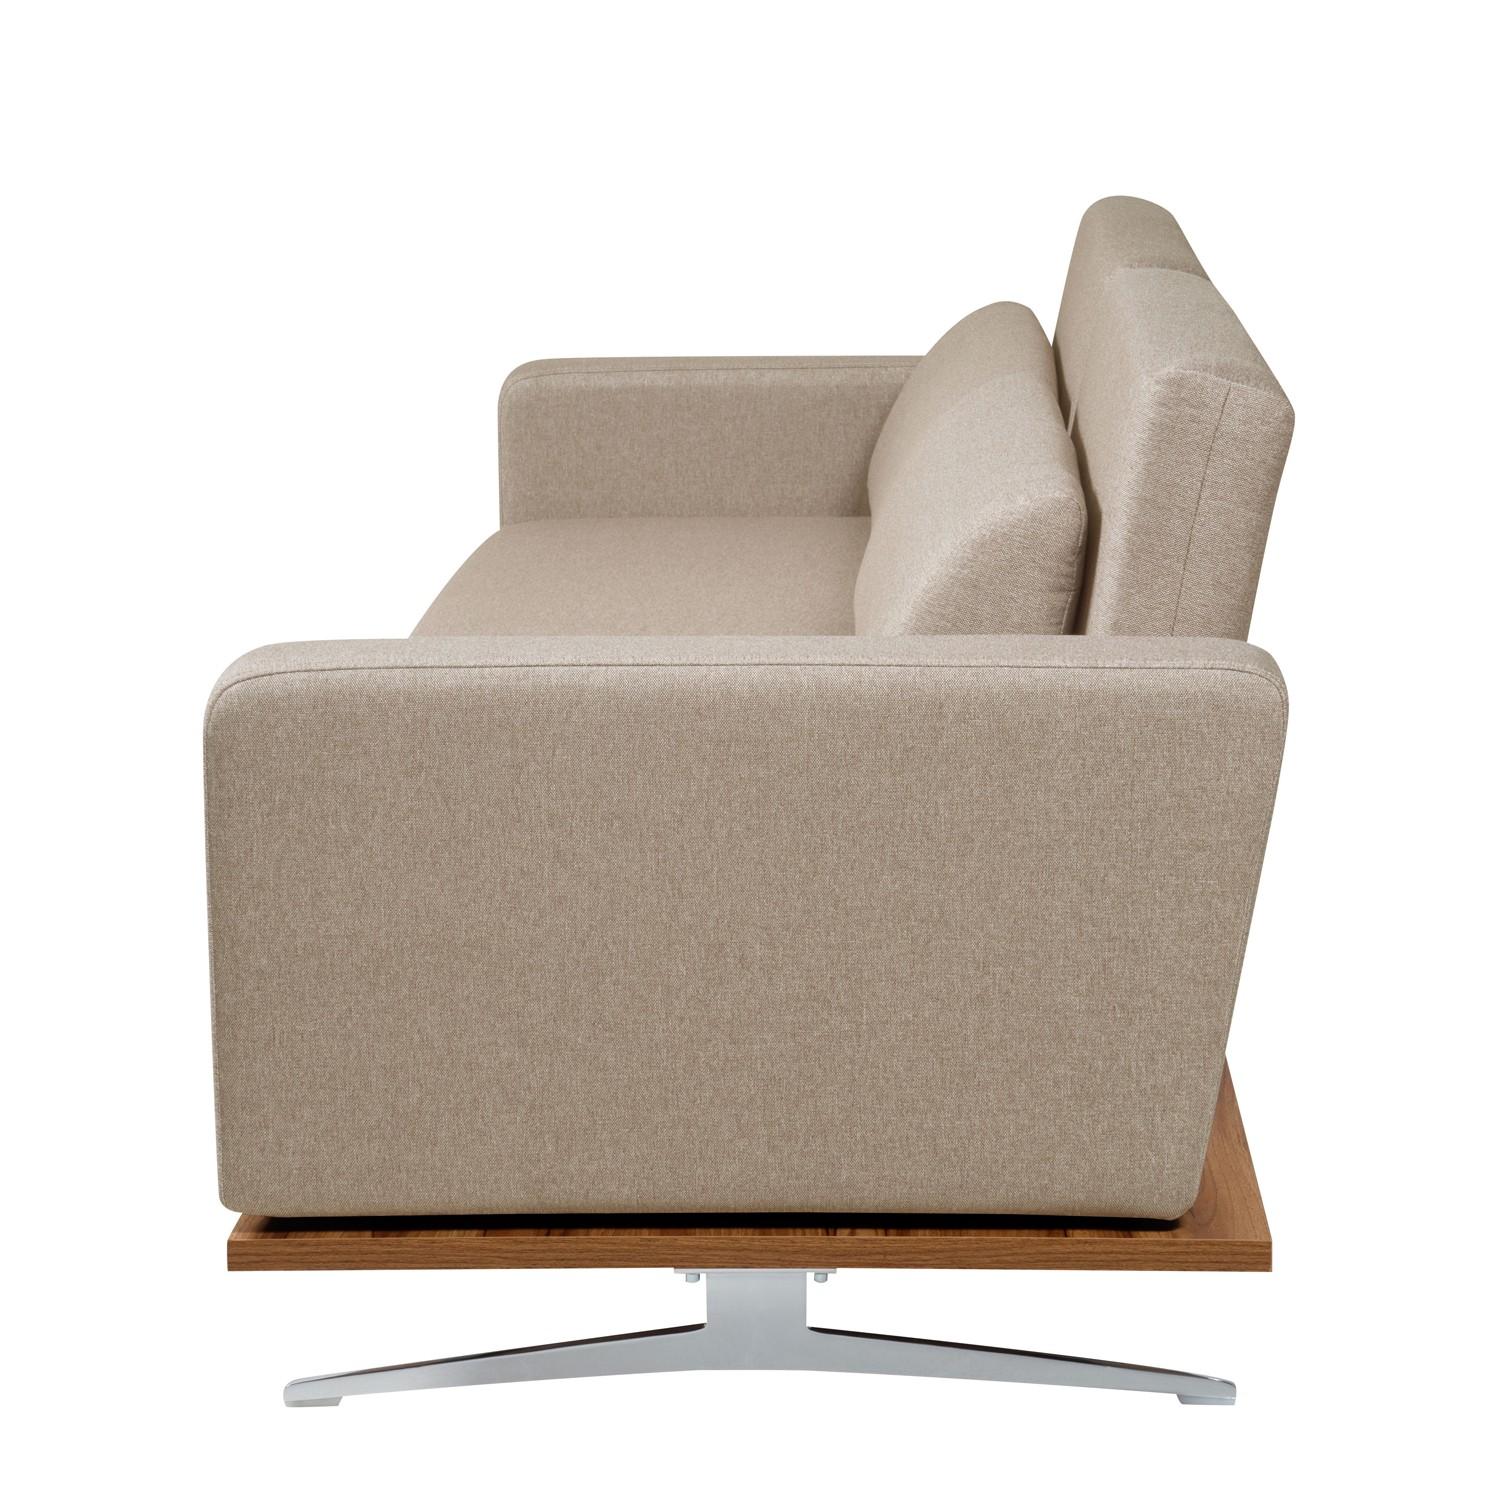 schlafsofas grau ideen schlafzimmer fenster graue. Black Bedroom Furniture Sets. Home Design Ideas